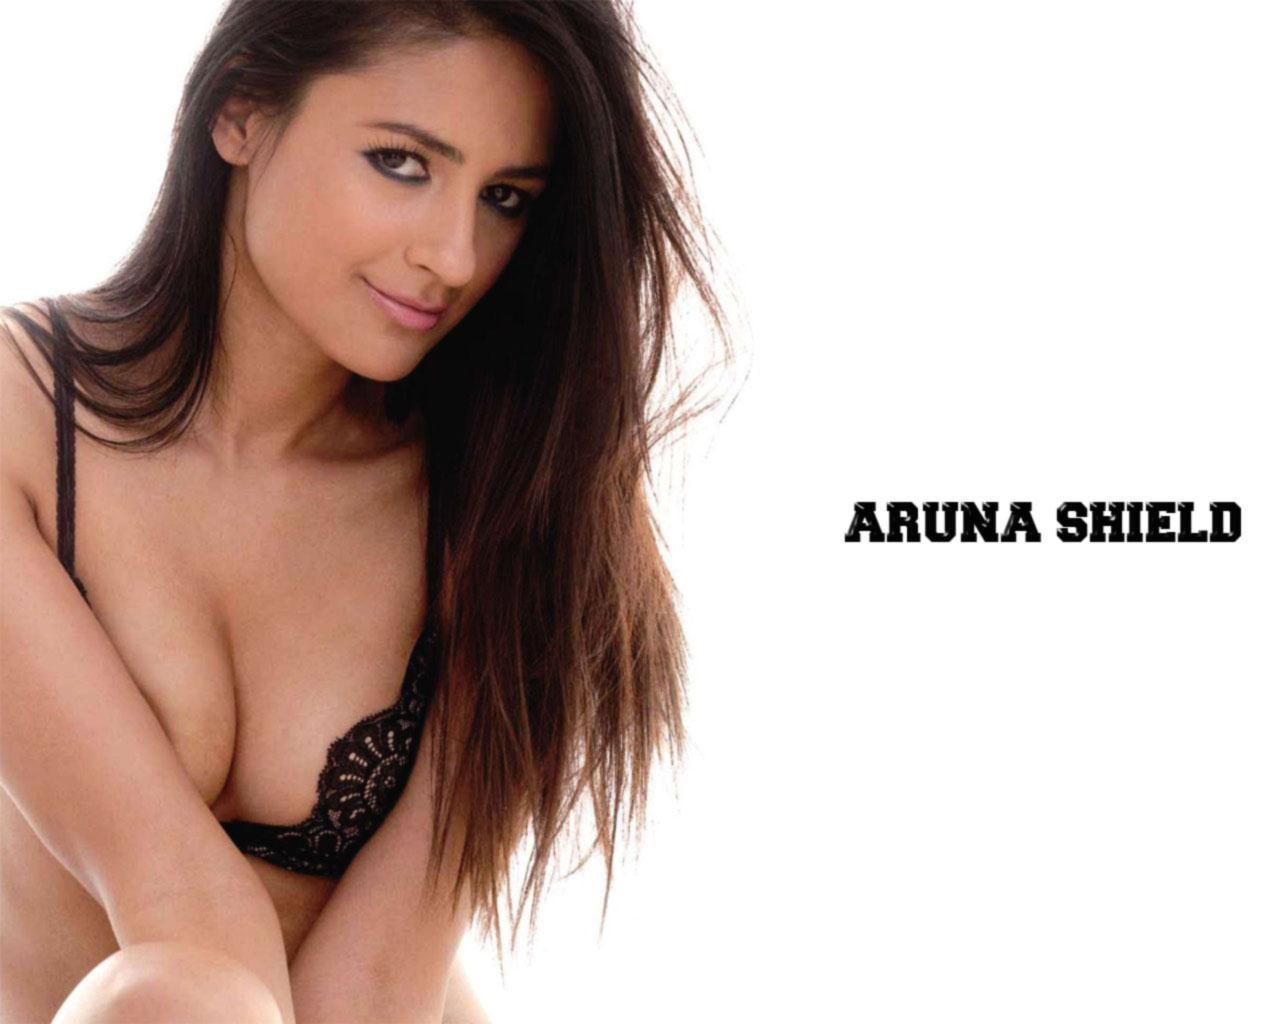 Aruna-Shields-hot-in-bikini